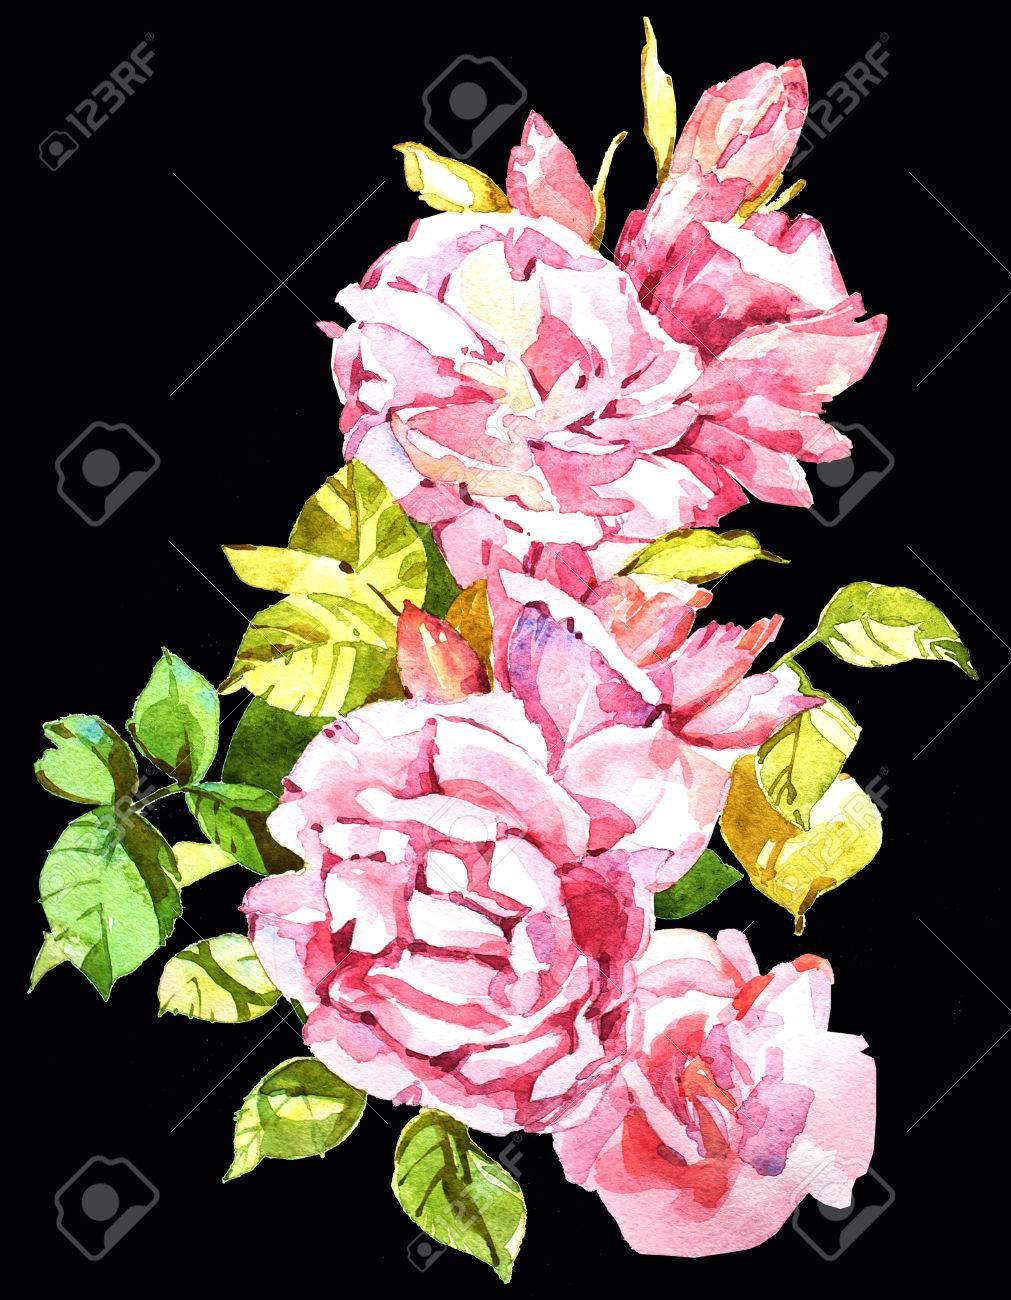 Blumen Aquarell Illustration Manuelle Zusammensetzung Muttertag